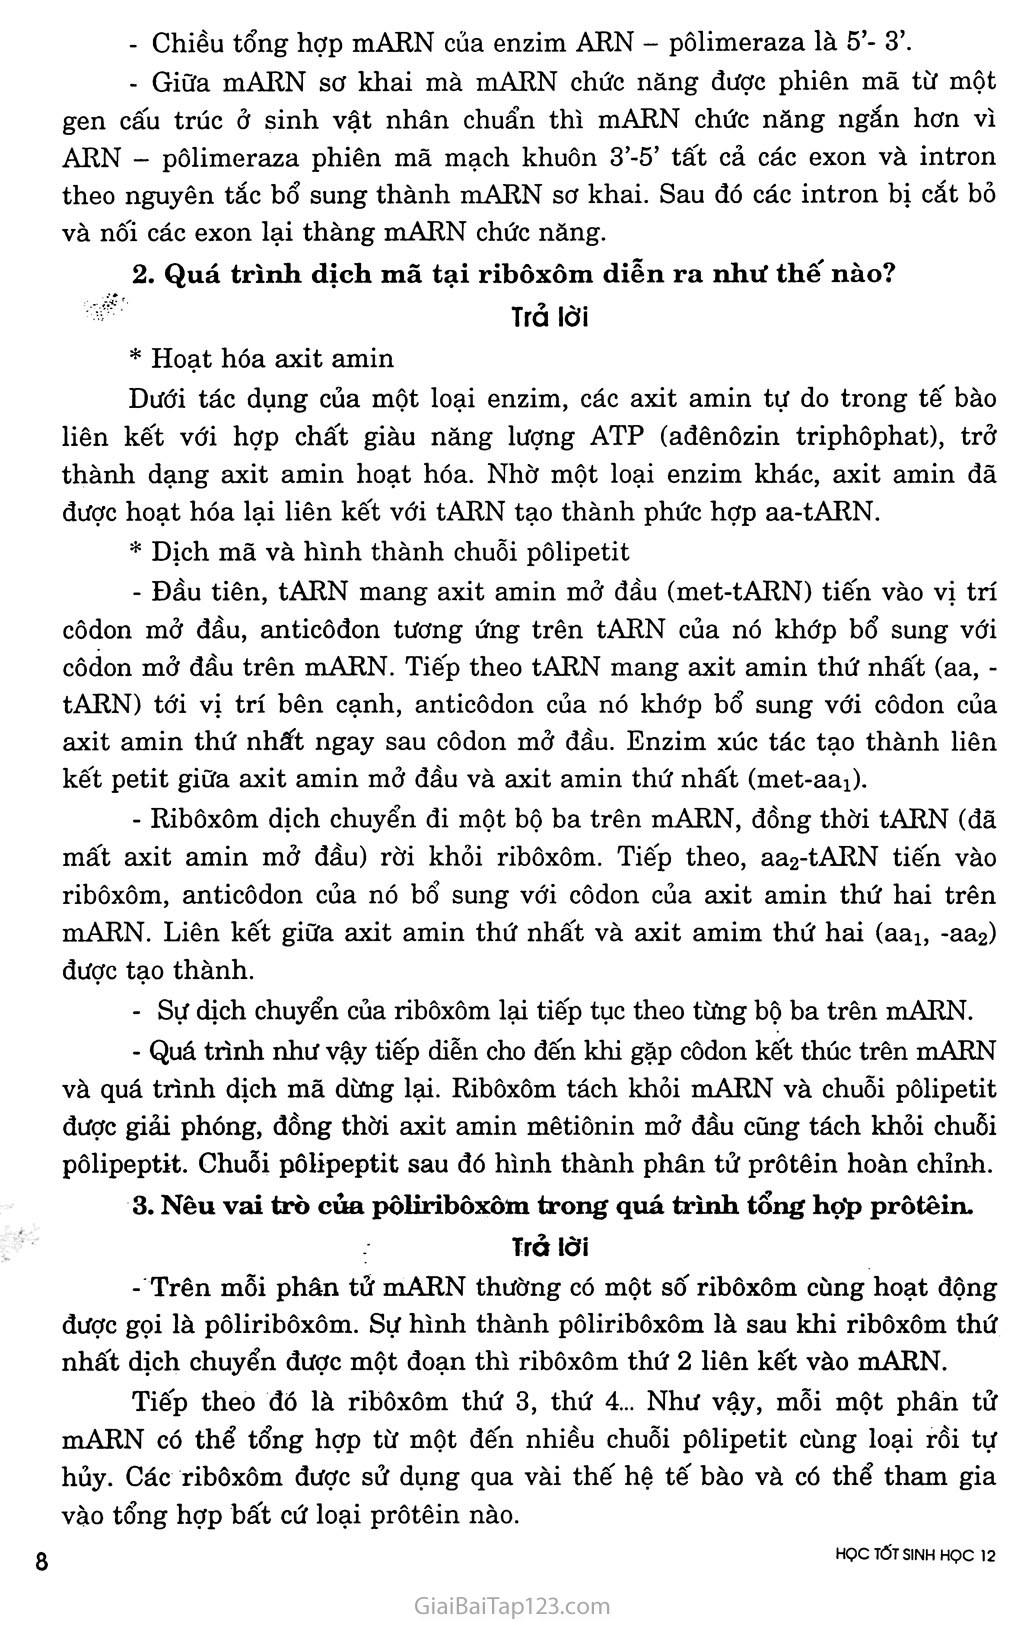 Bài 2. Phiên mã và dịch mã trang 2